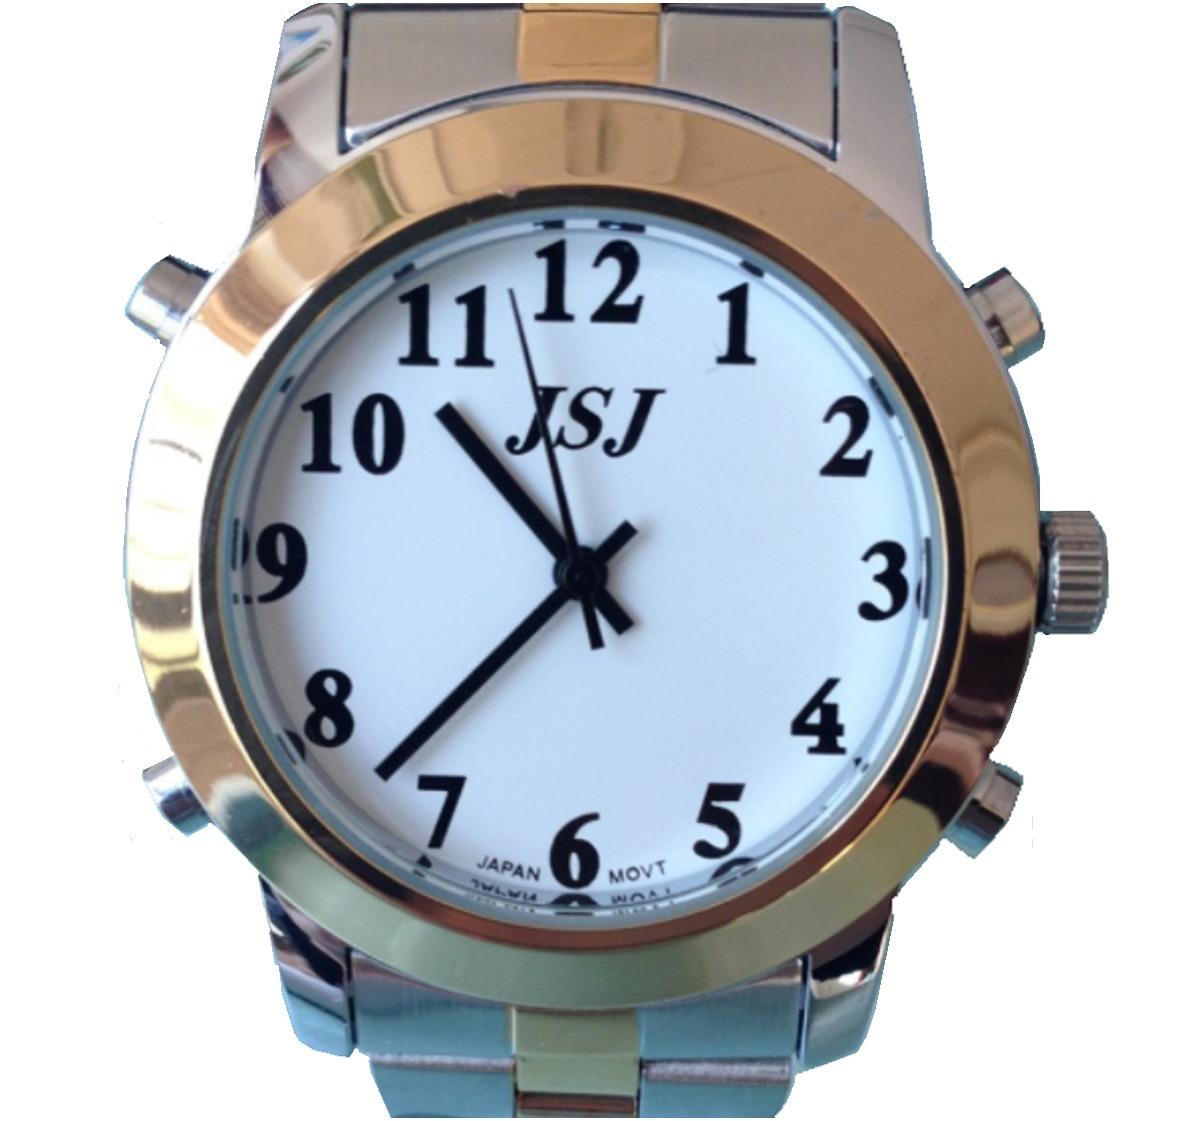 1920090411b relógio para deficiente visual dourado idioma português. Carregando zoom.